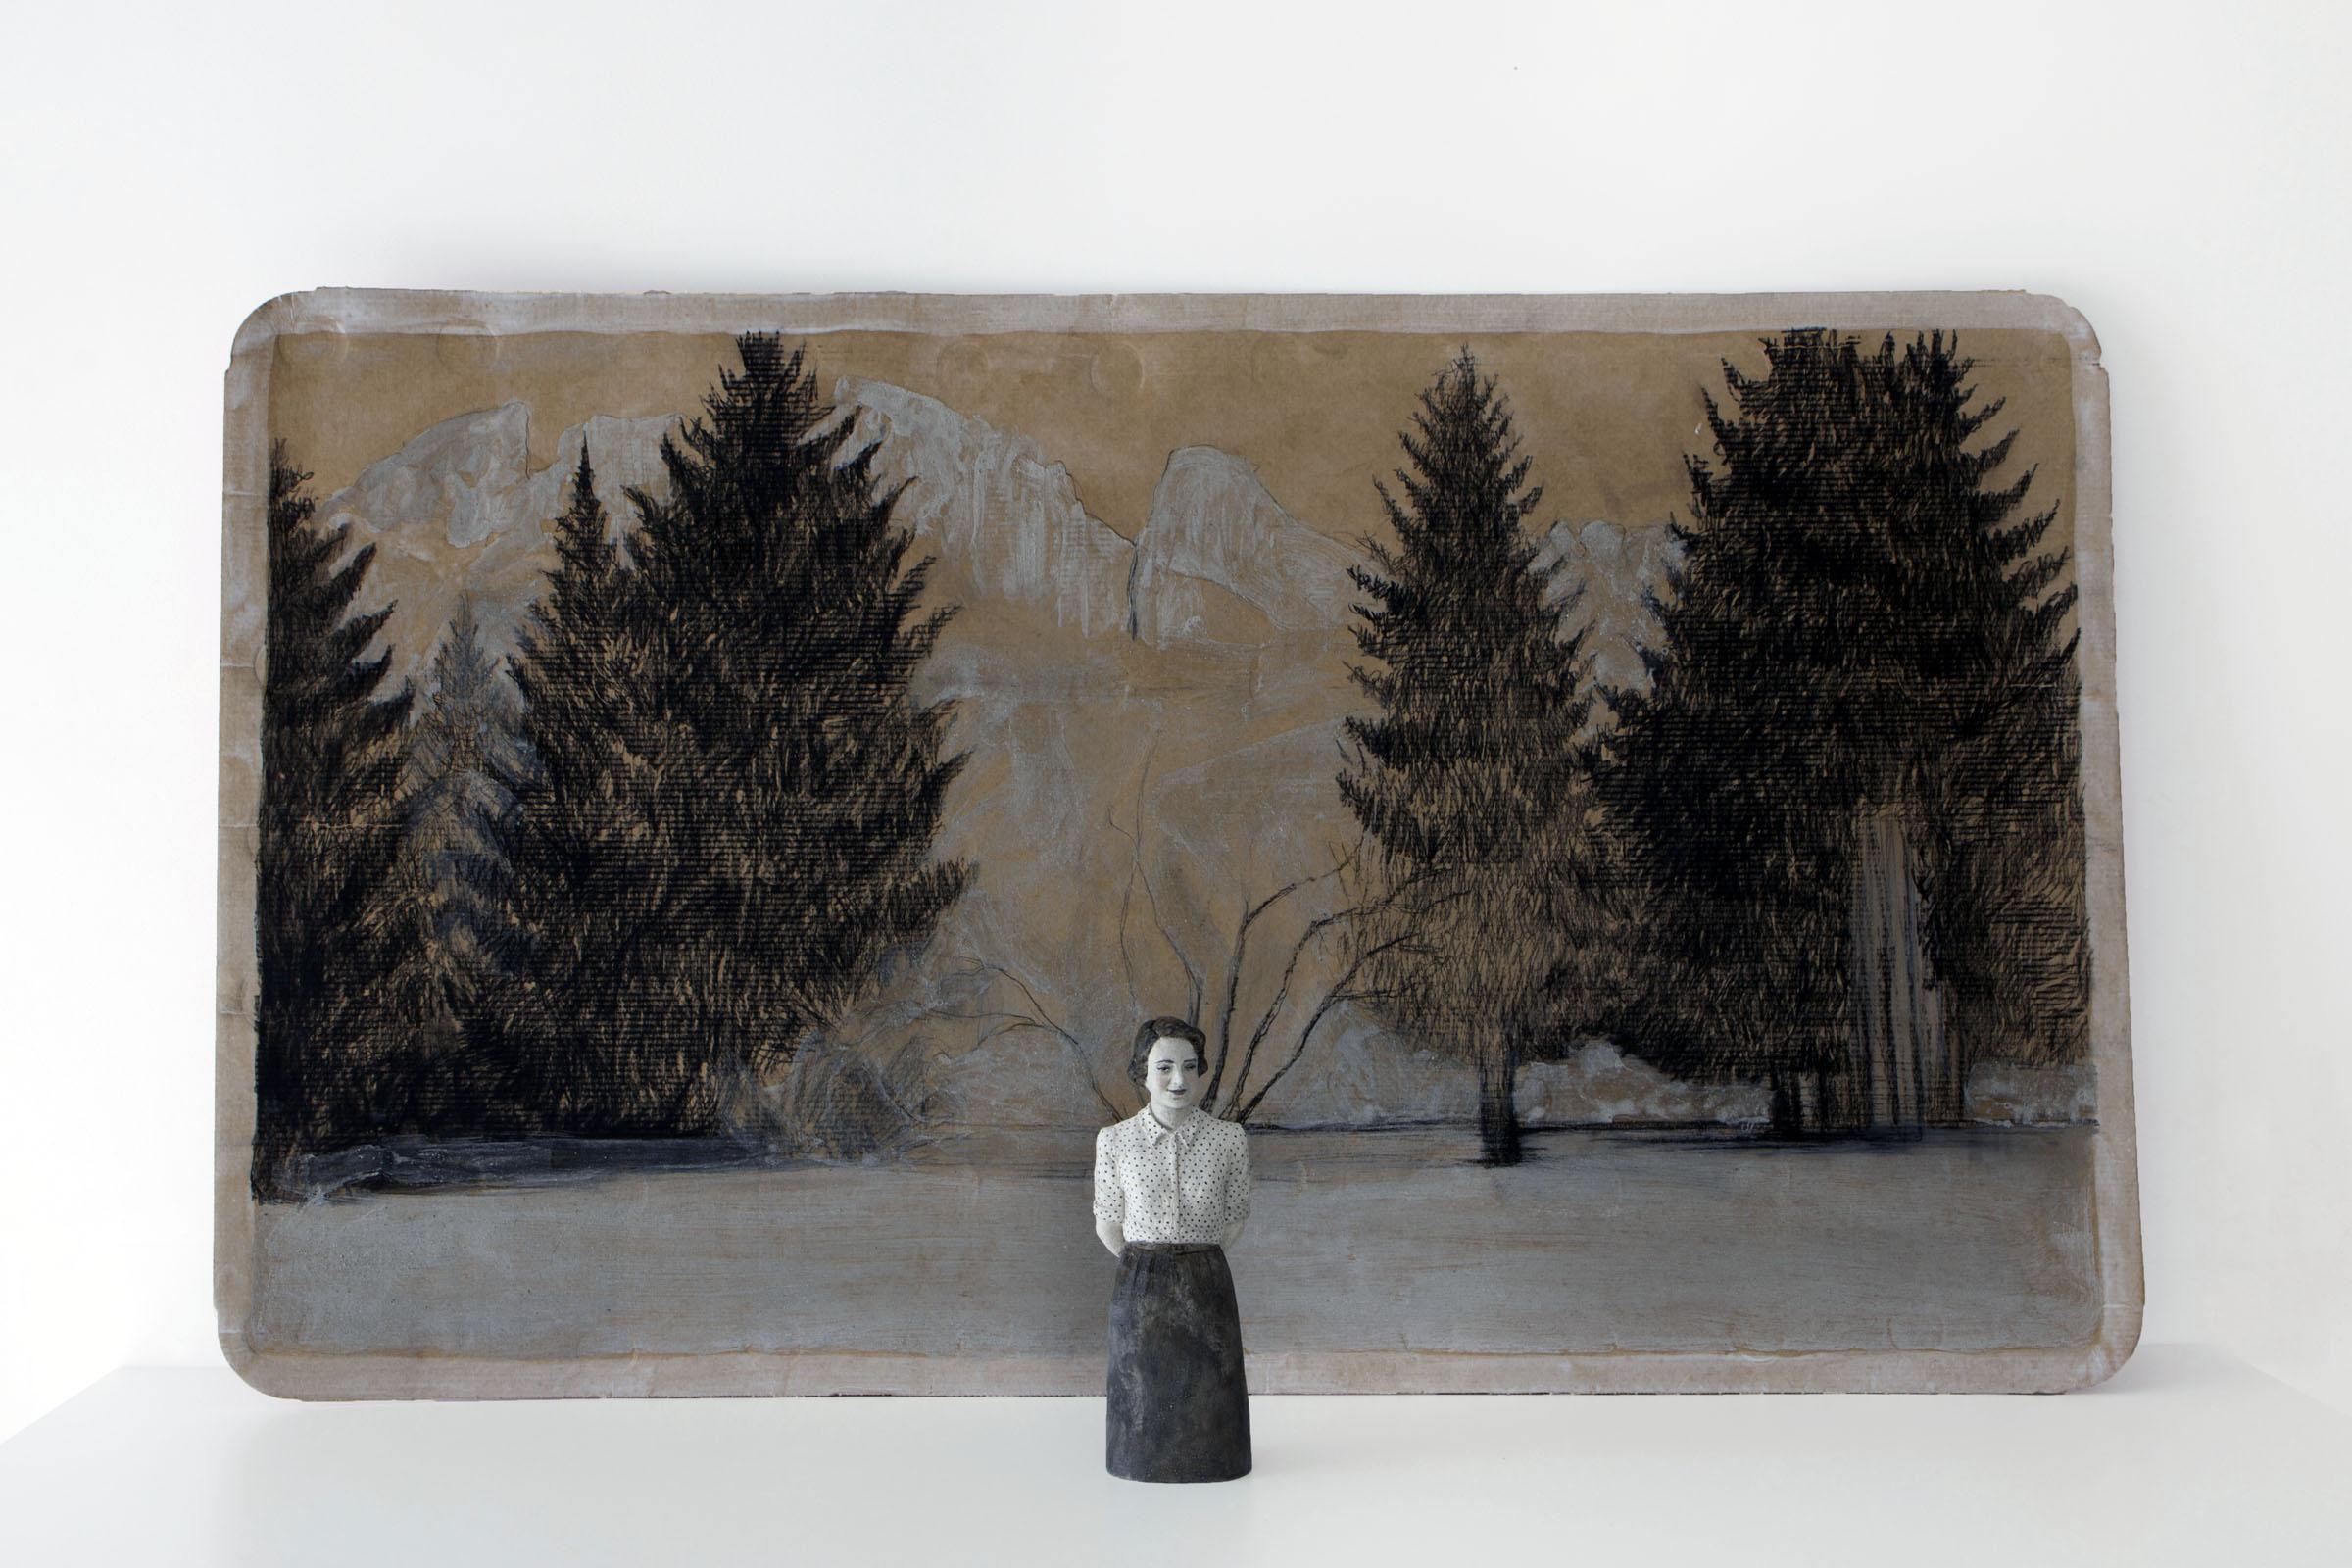 Serena Zanardi Carezze al lago 2013  scultura in terracotta dipinta con, cenere e ruggine e disegno su cartone di acqua evian 21x0,8x0,6 cm e 60x100 cm